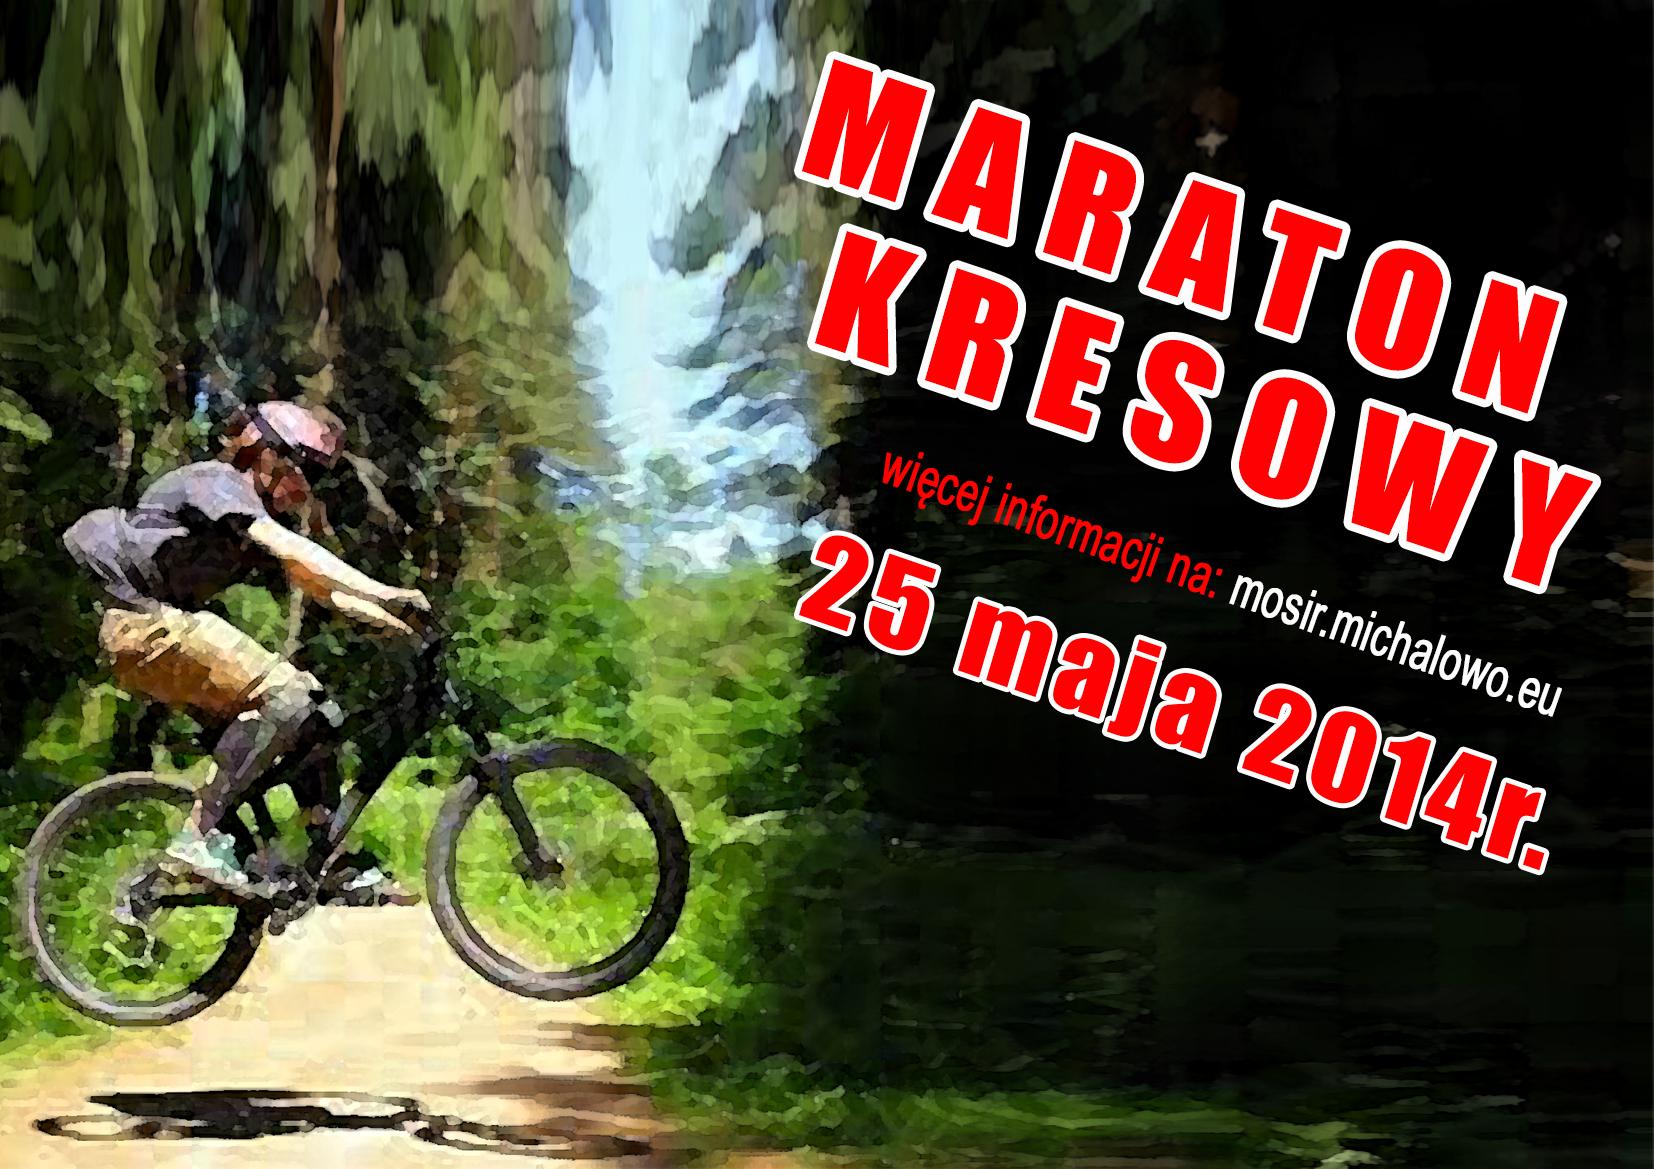 maraton kresowy 2014